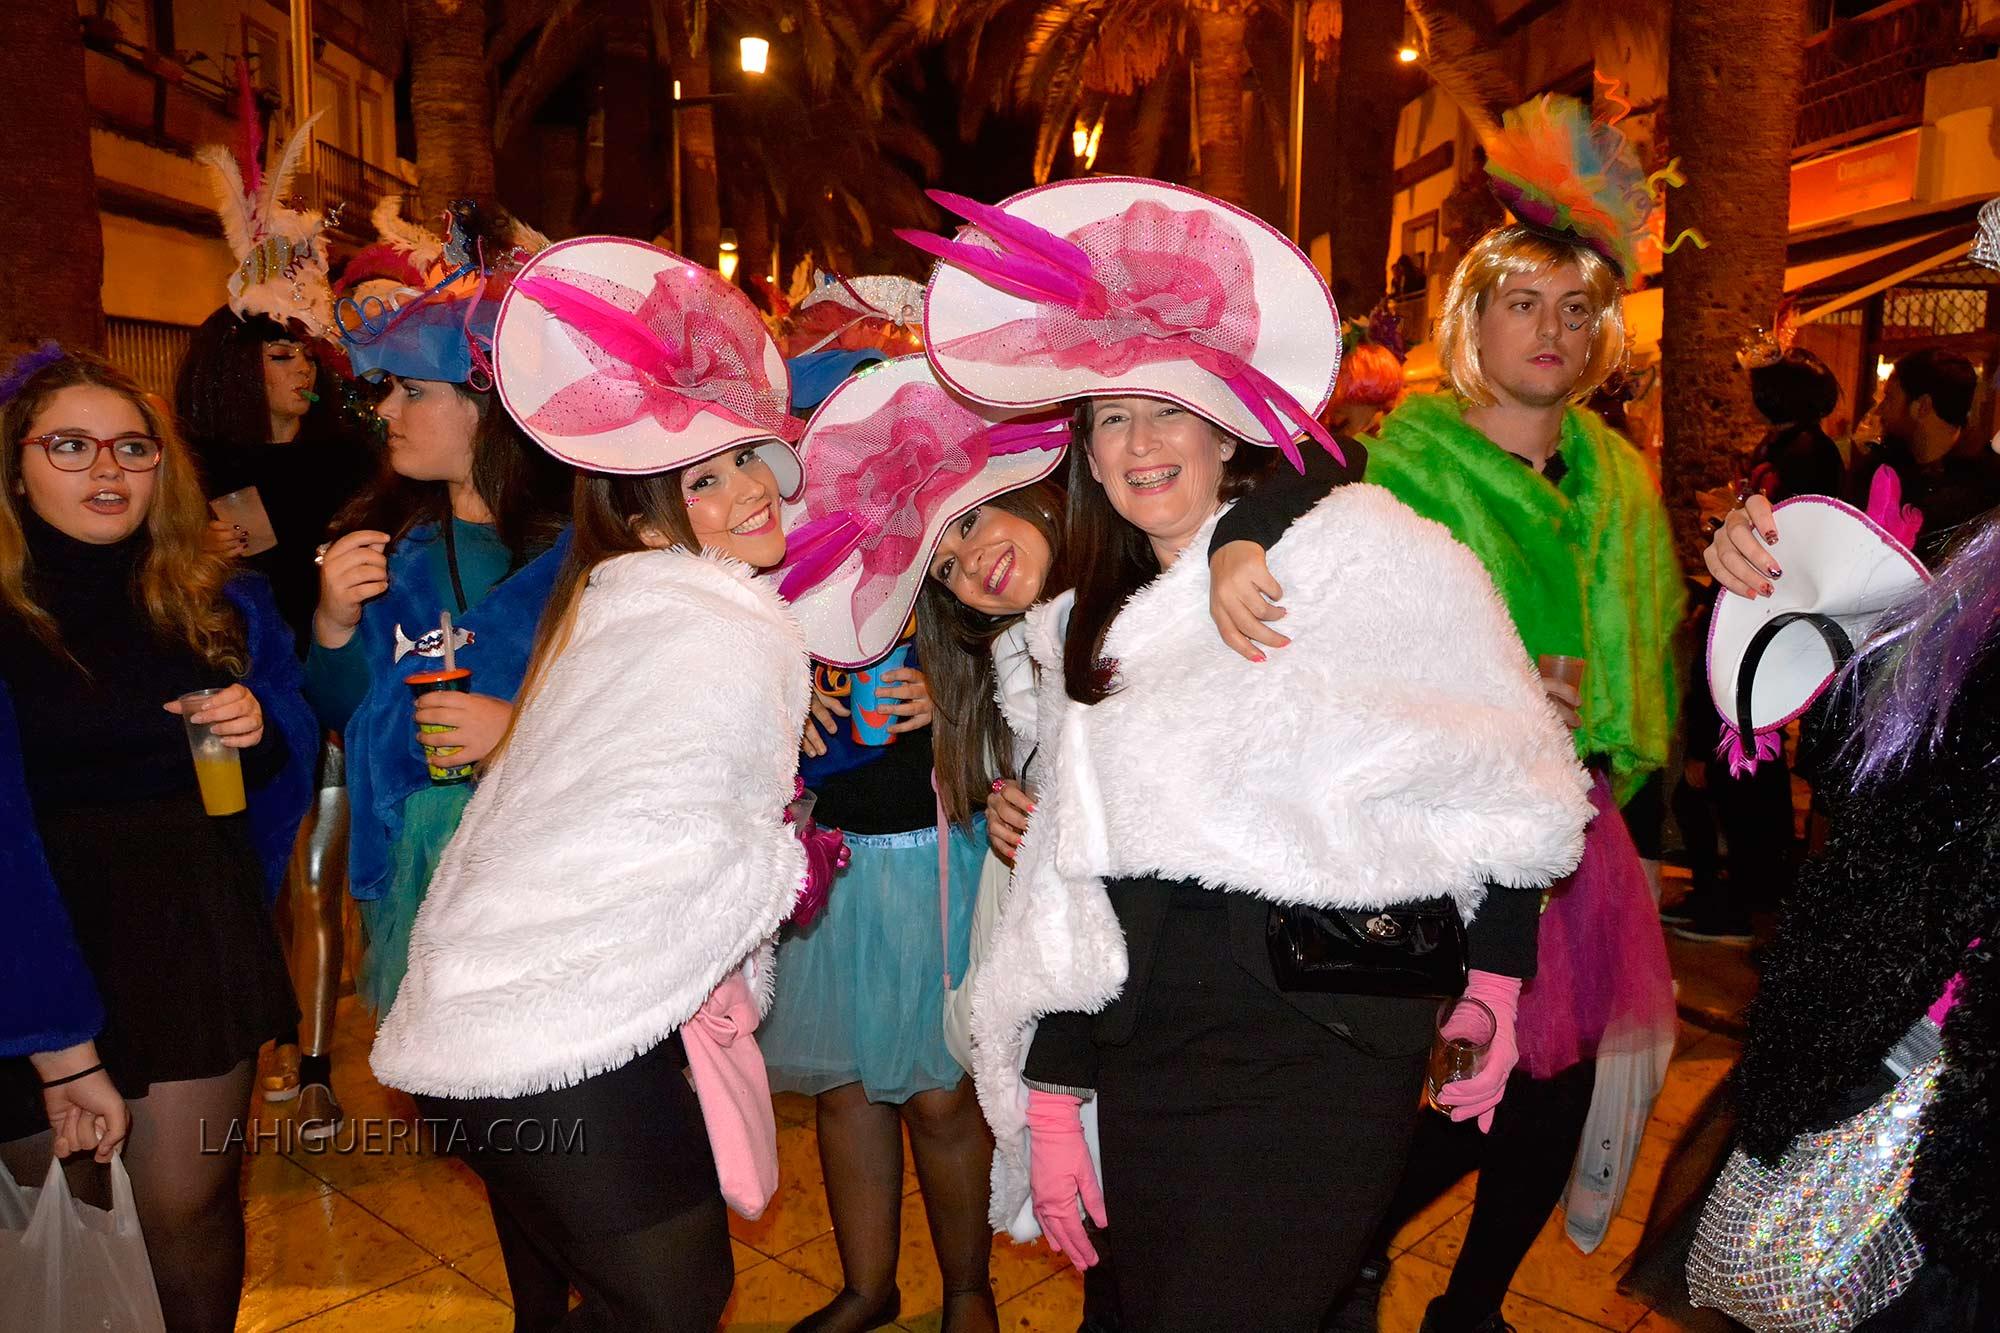 Entierro de la sardina carnaval isla cristina _DSC2135